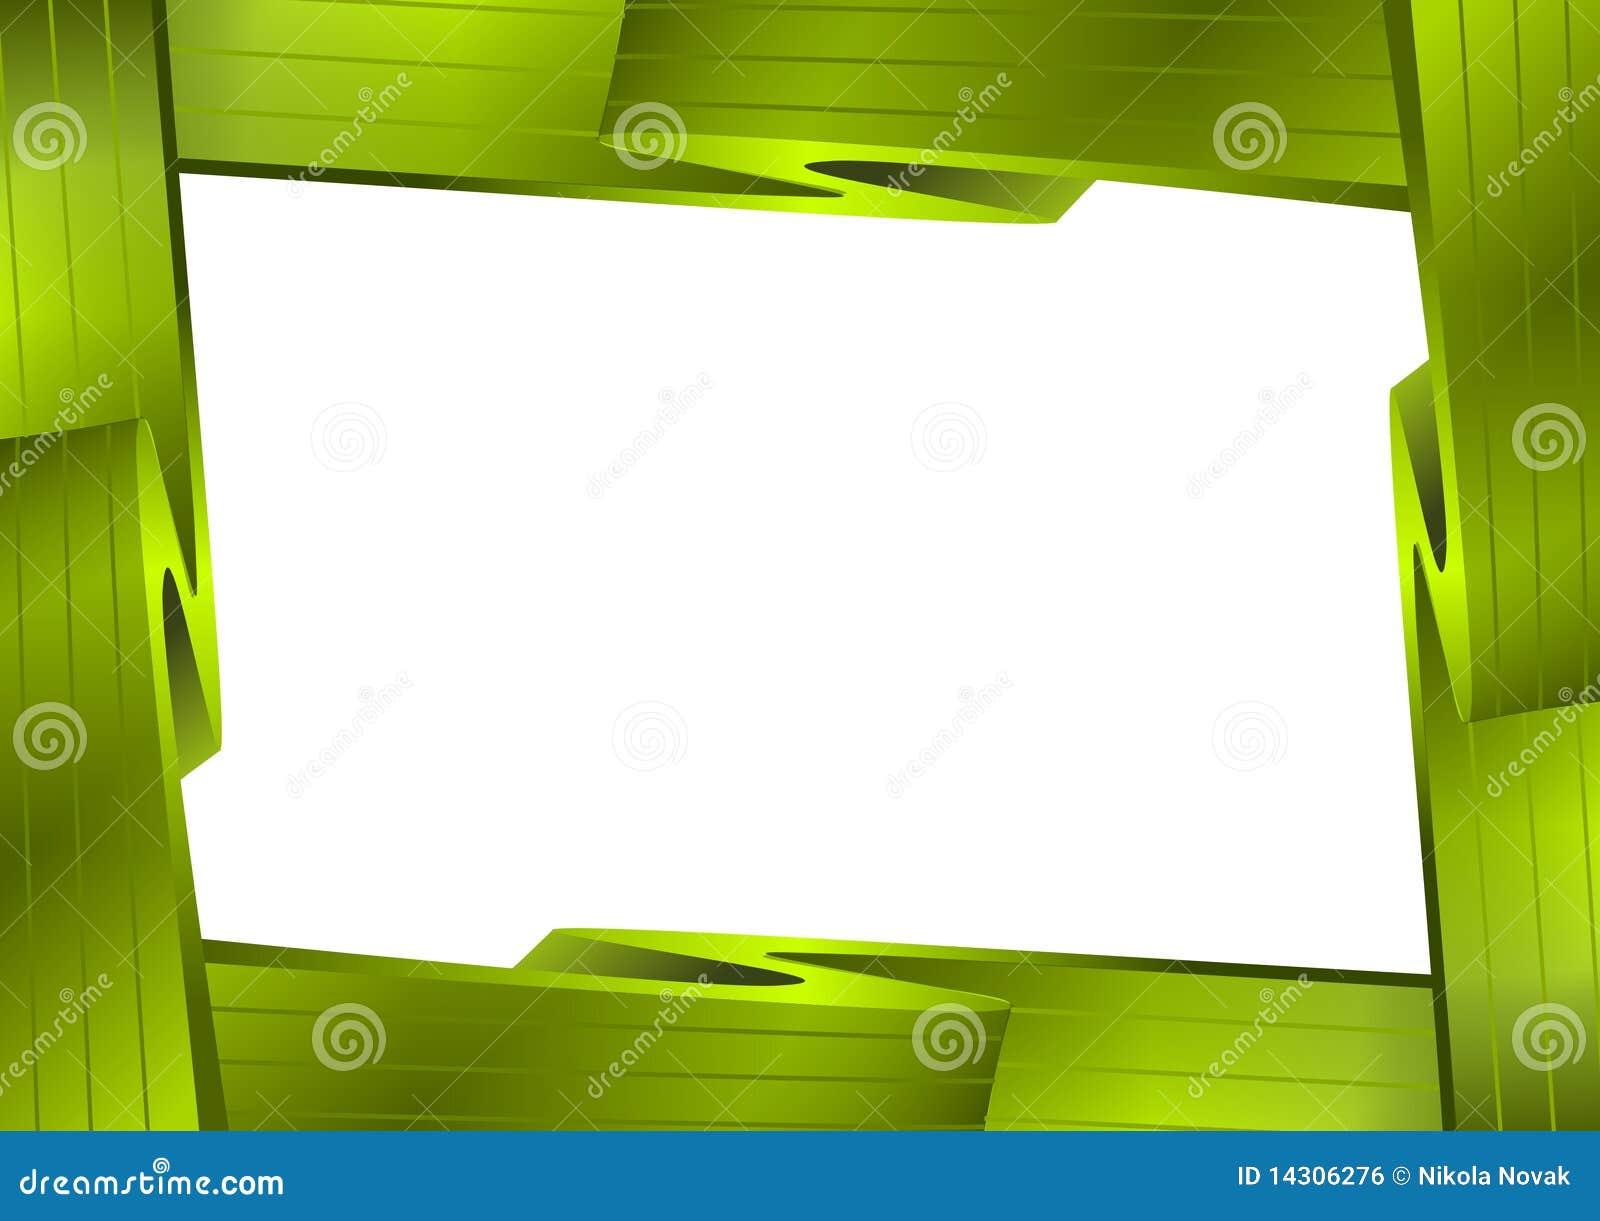 Grüner Bilderrahmen stock abbildung. Illustration von steigungen ...